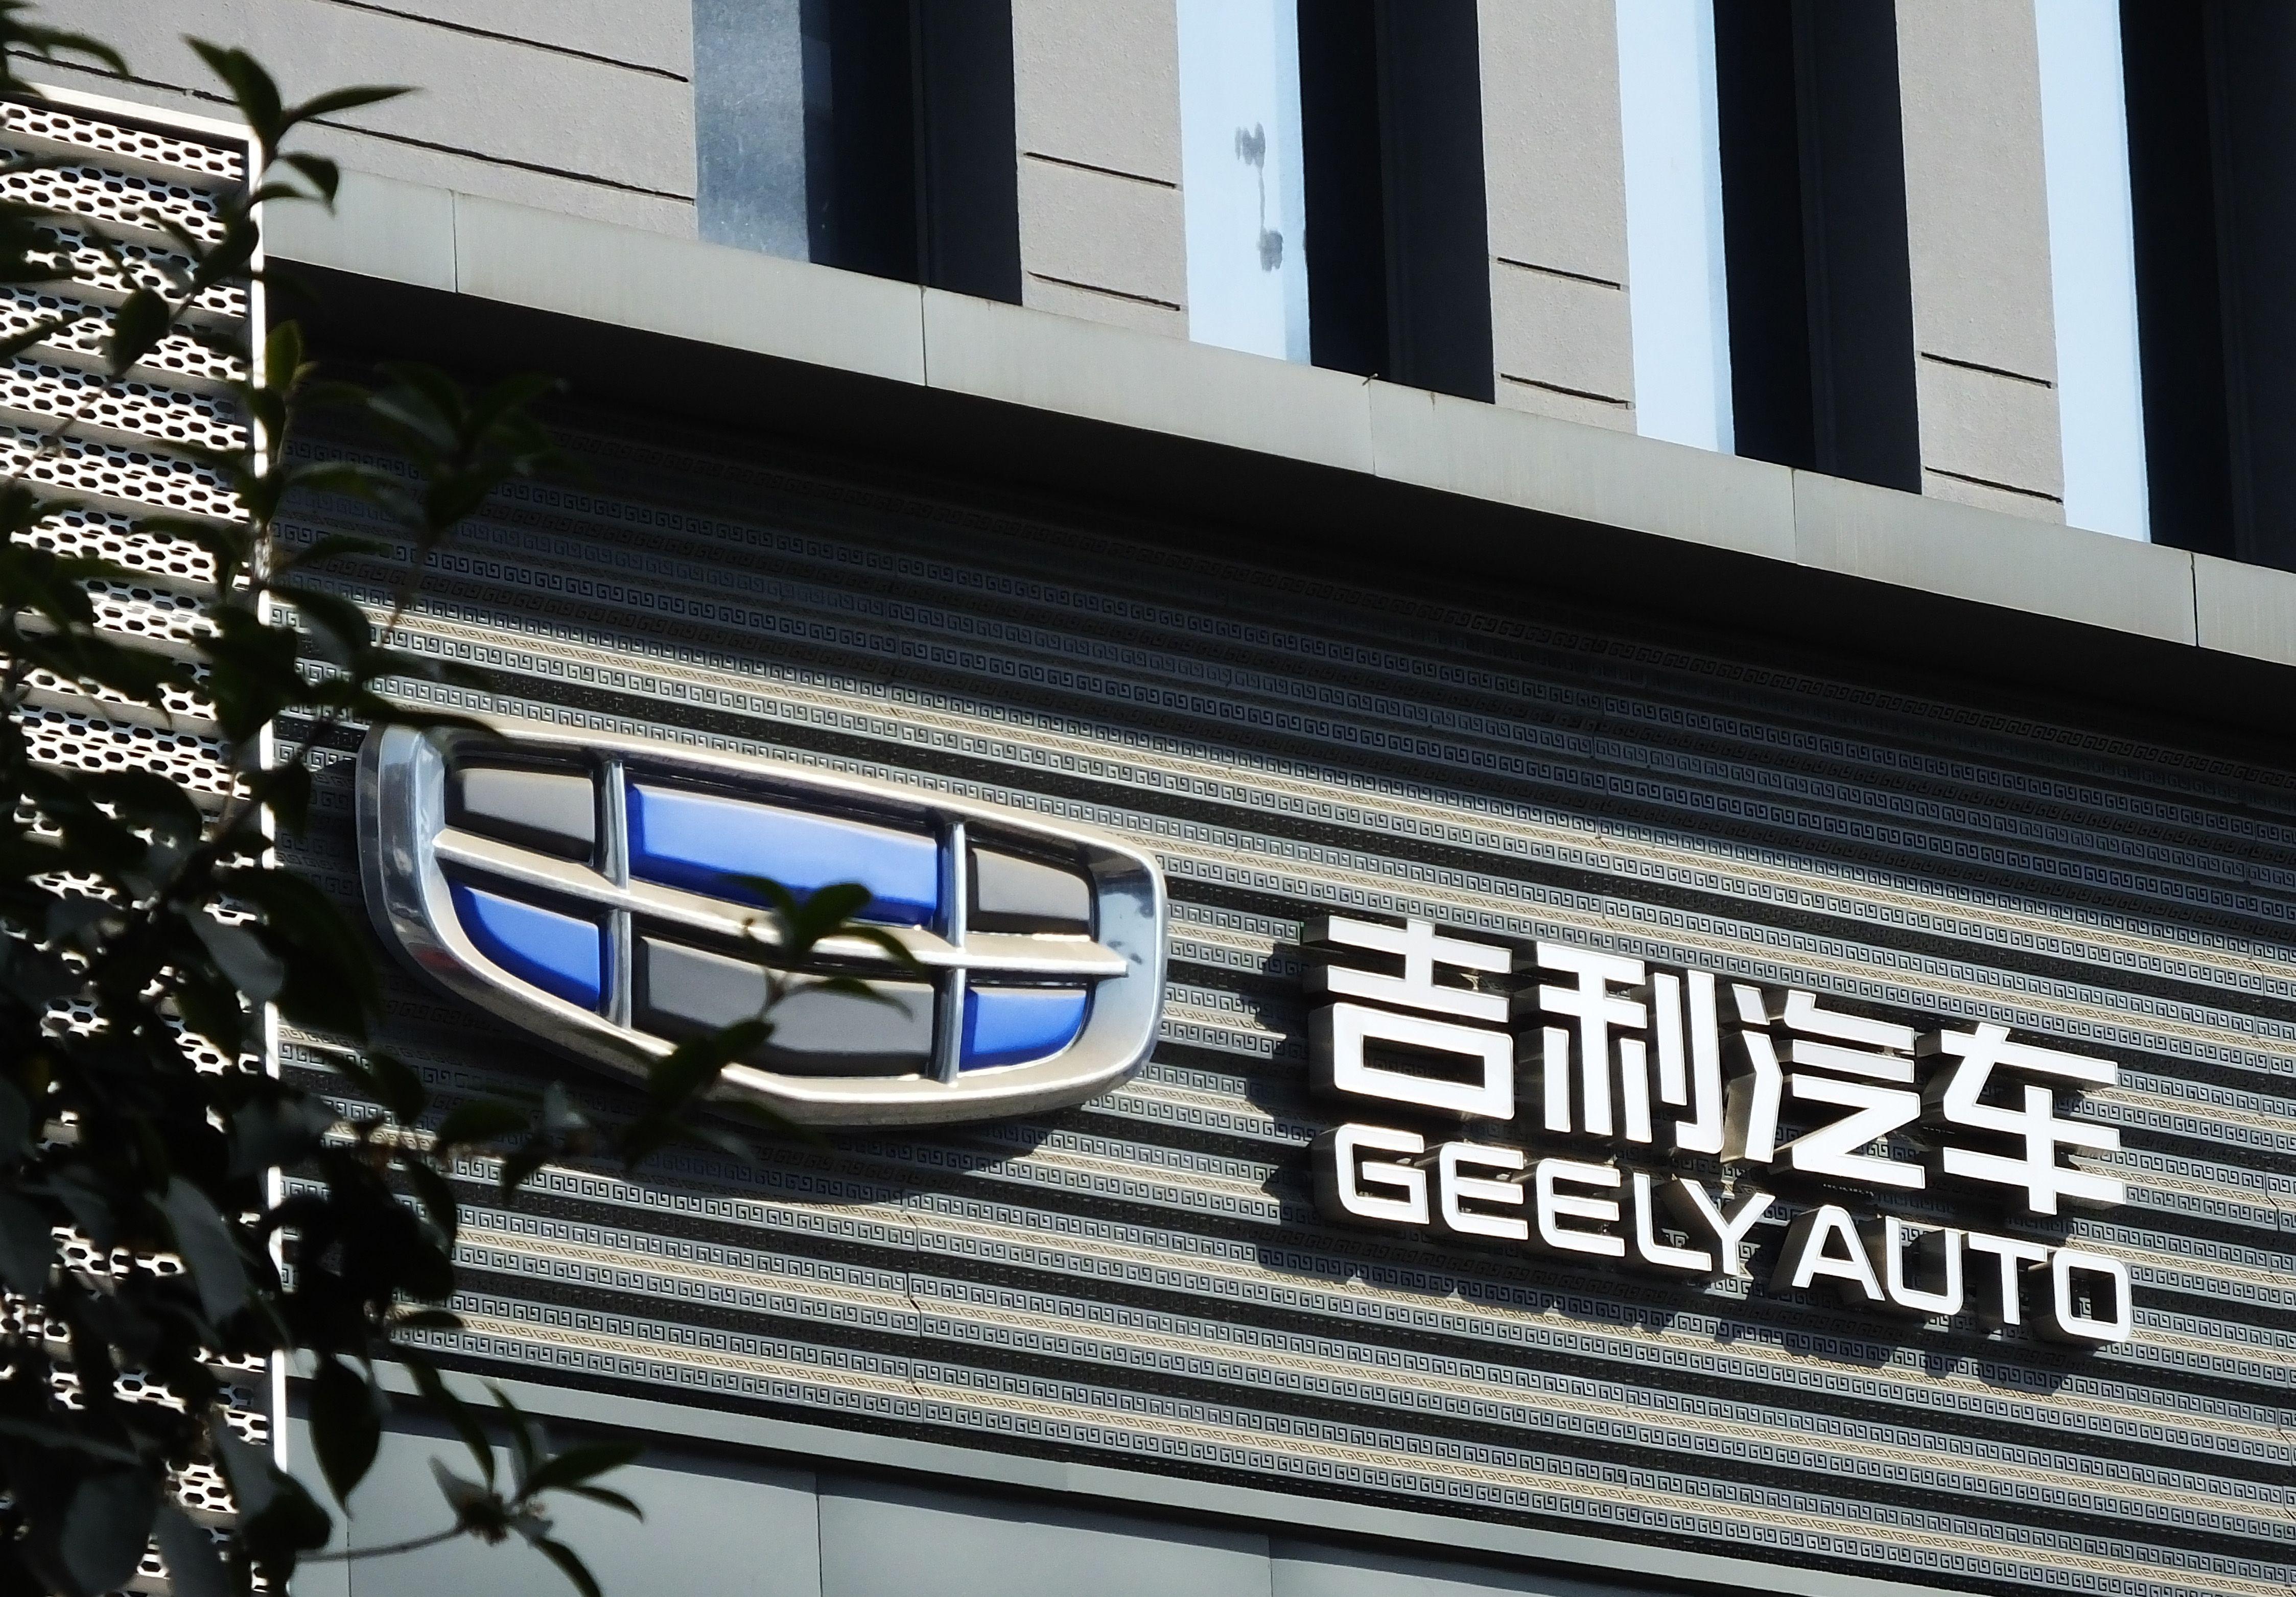 吉利汽车:将与沃尔沃汽车在电气化等方面进行业务合并及合作